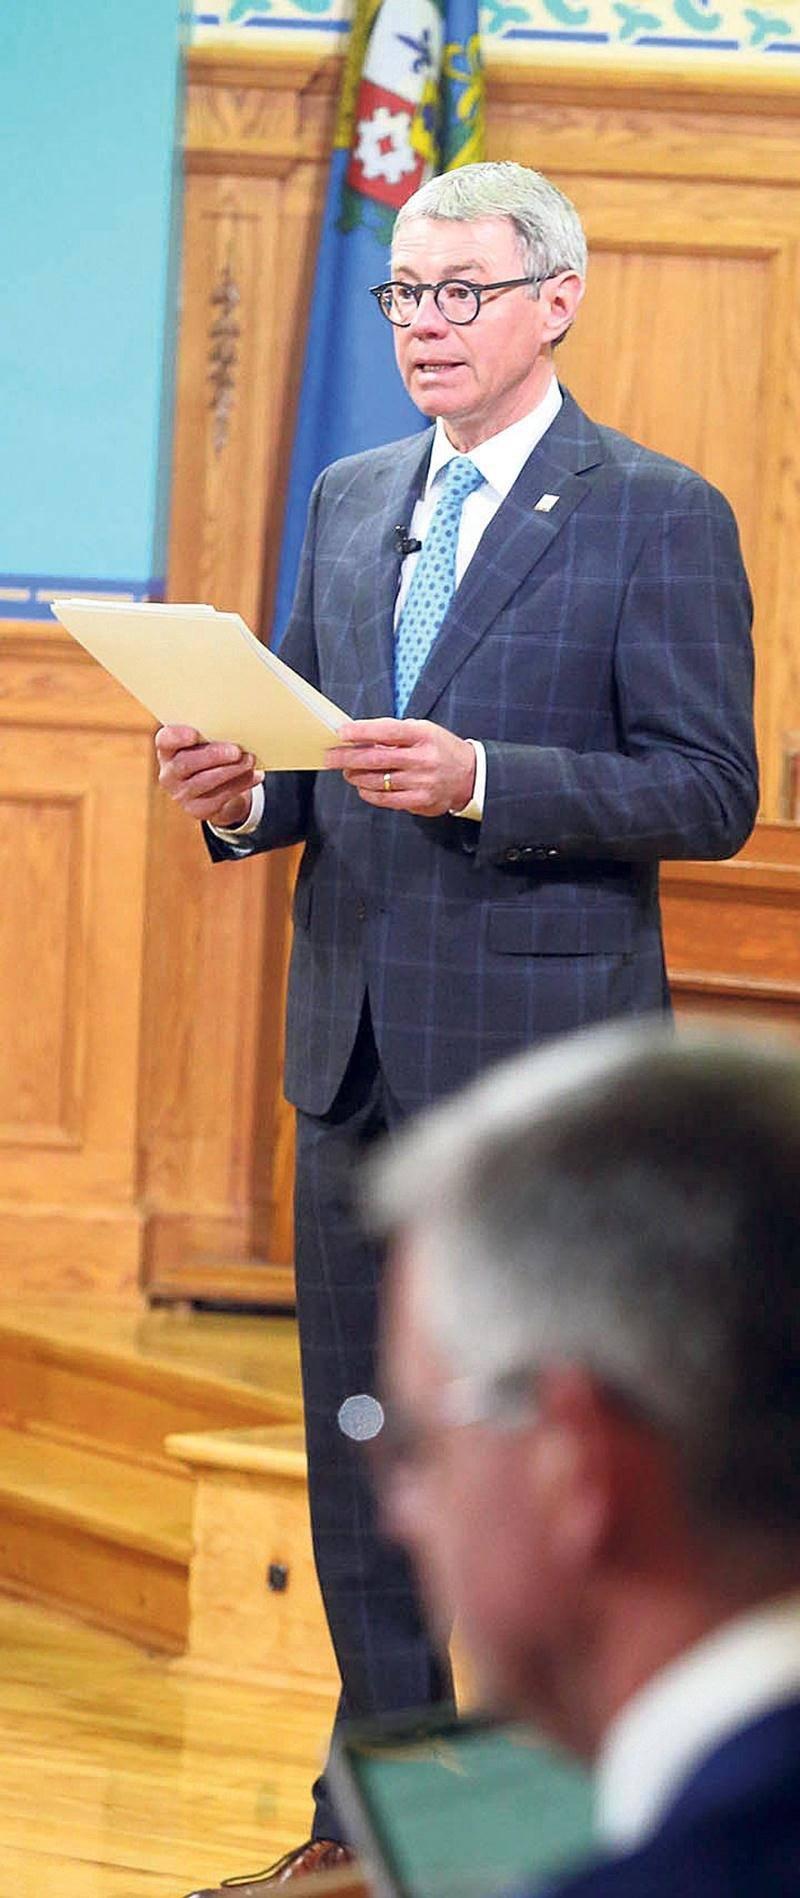 L'entente survenue entre Exceldor et la Ville de Saint-Hyacinthe n'a pas été adoptée par le conseil municipal, en vertu d'une nouvelle orientation de la Ville. Photothèque | Le Courrier ©